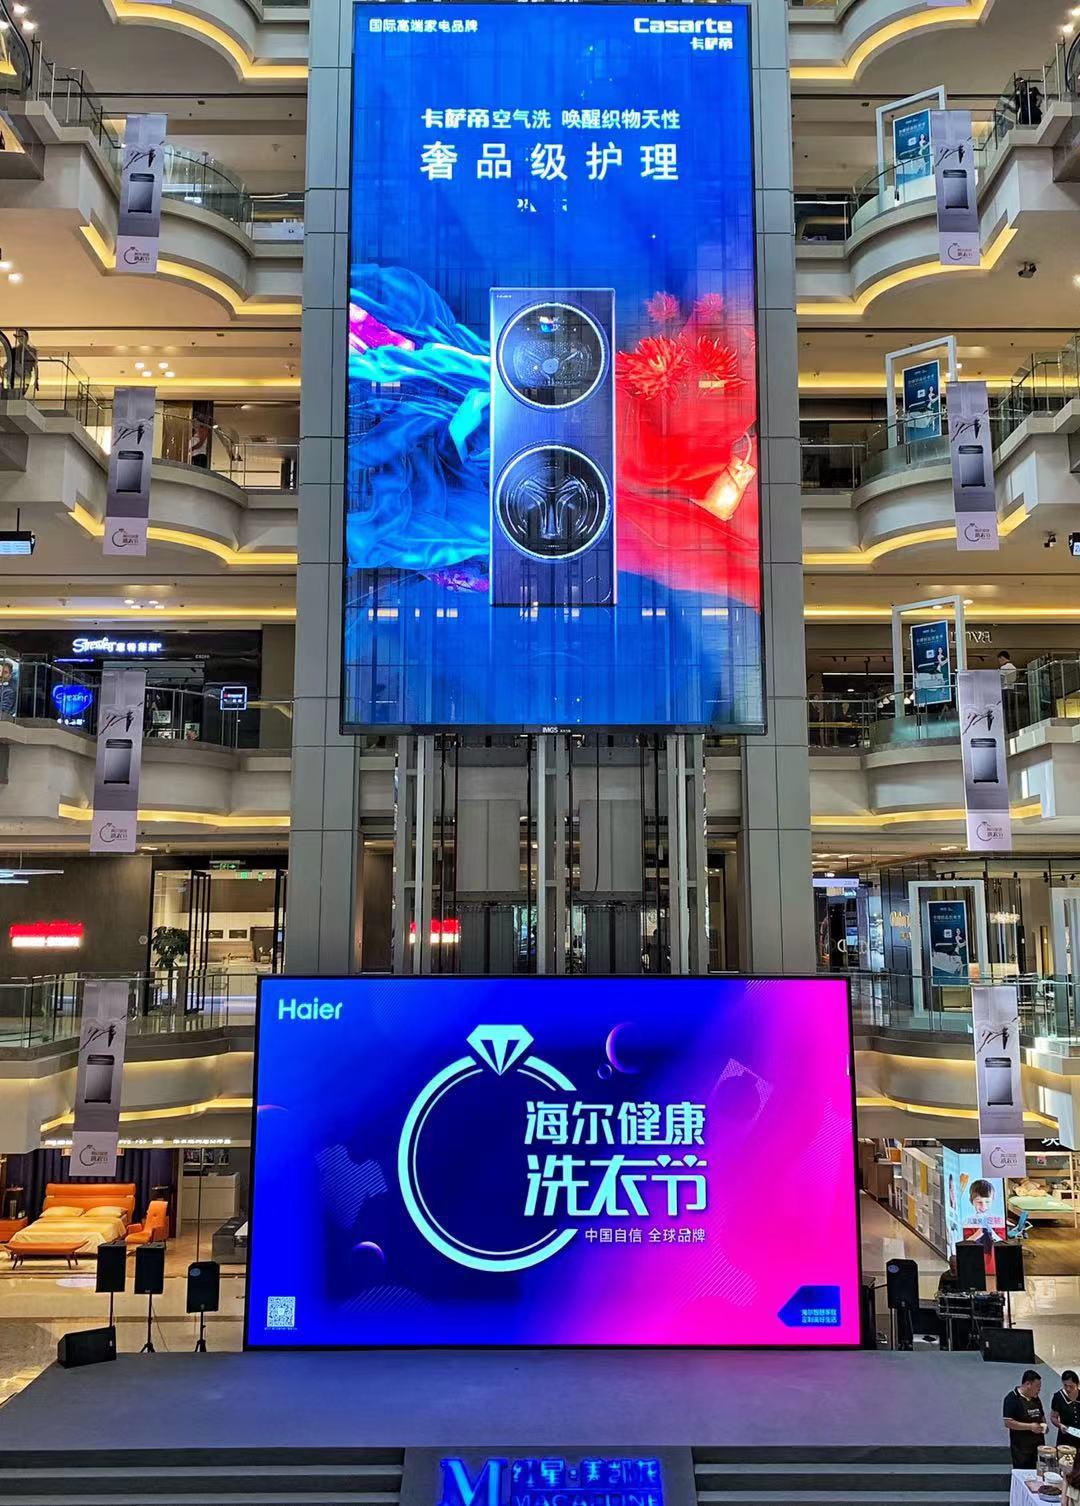 【口碑家电】攻克行业两大顽疾 海尔洗衣机健康洗衣节北京站启动